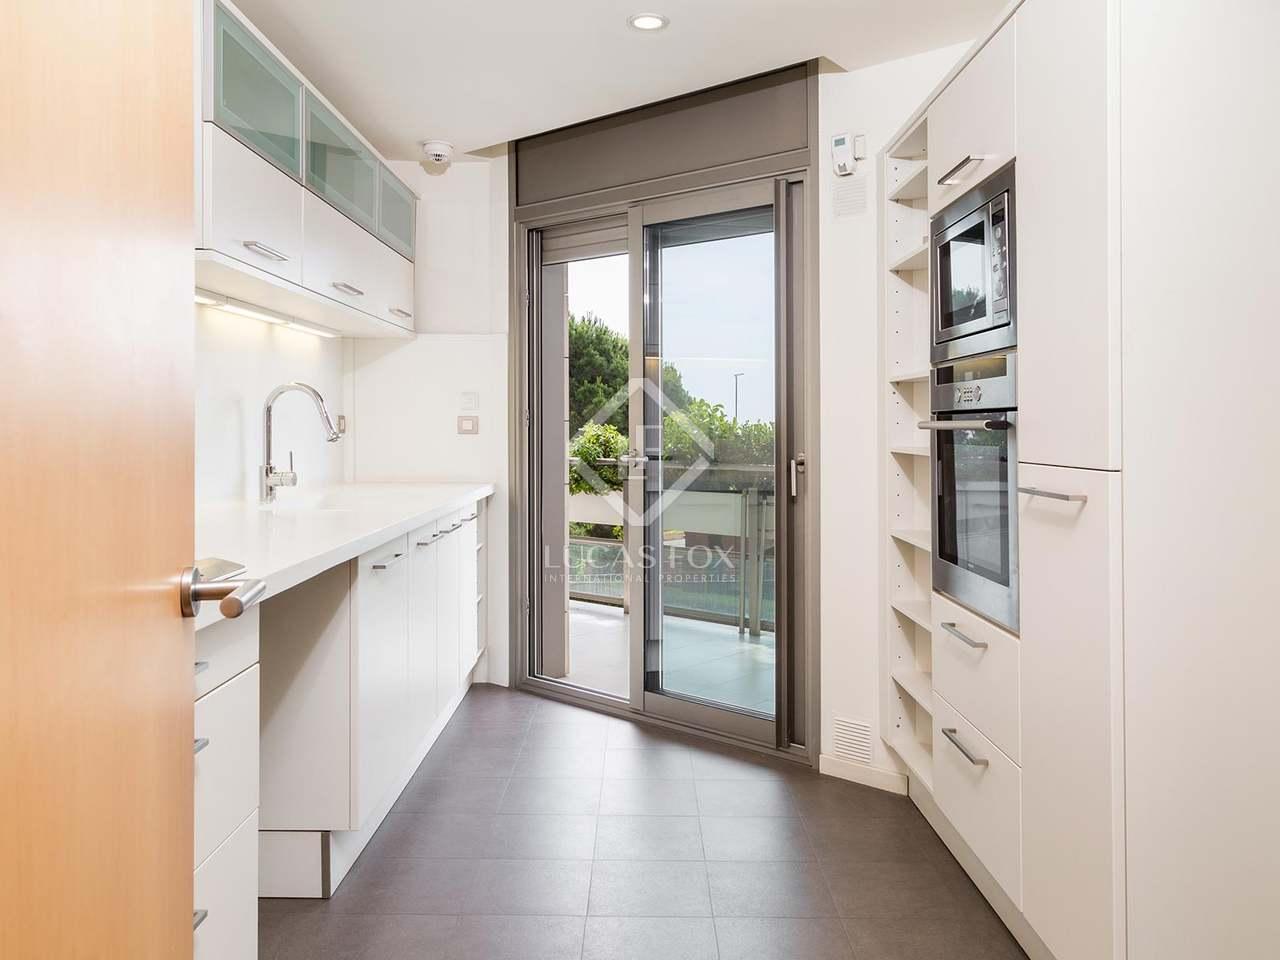 Apartamento de 3 dormitorios en alquiler en la bonanova - Zona alta barcelona ...